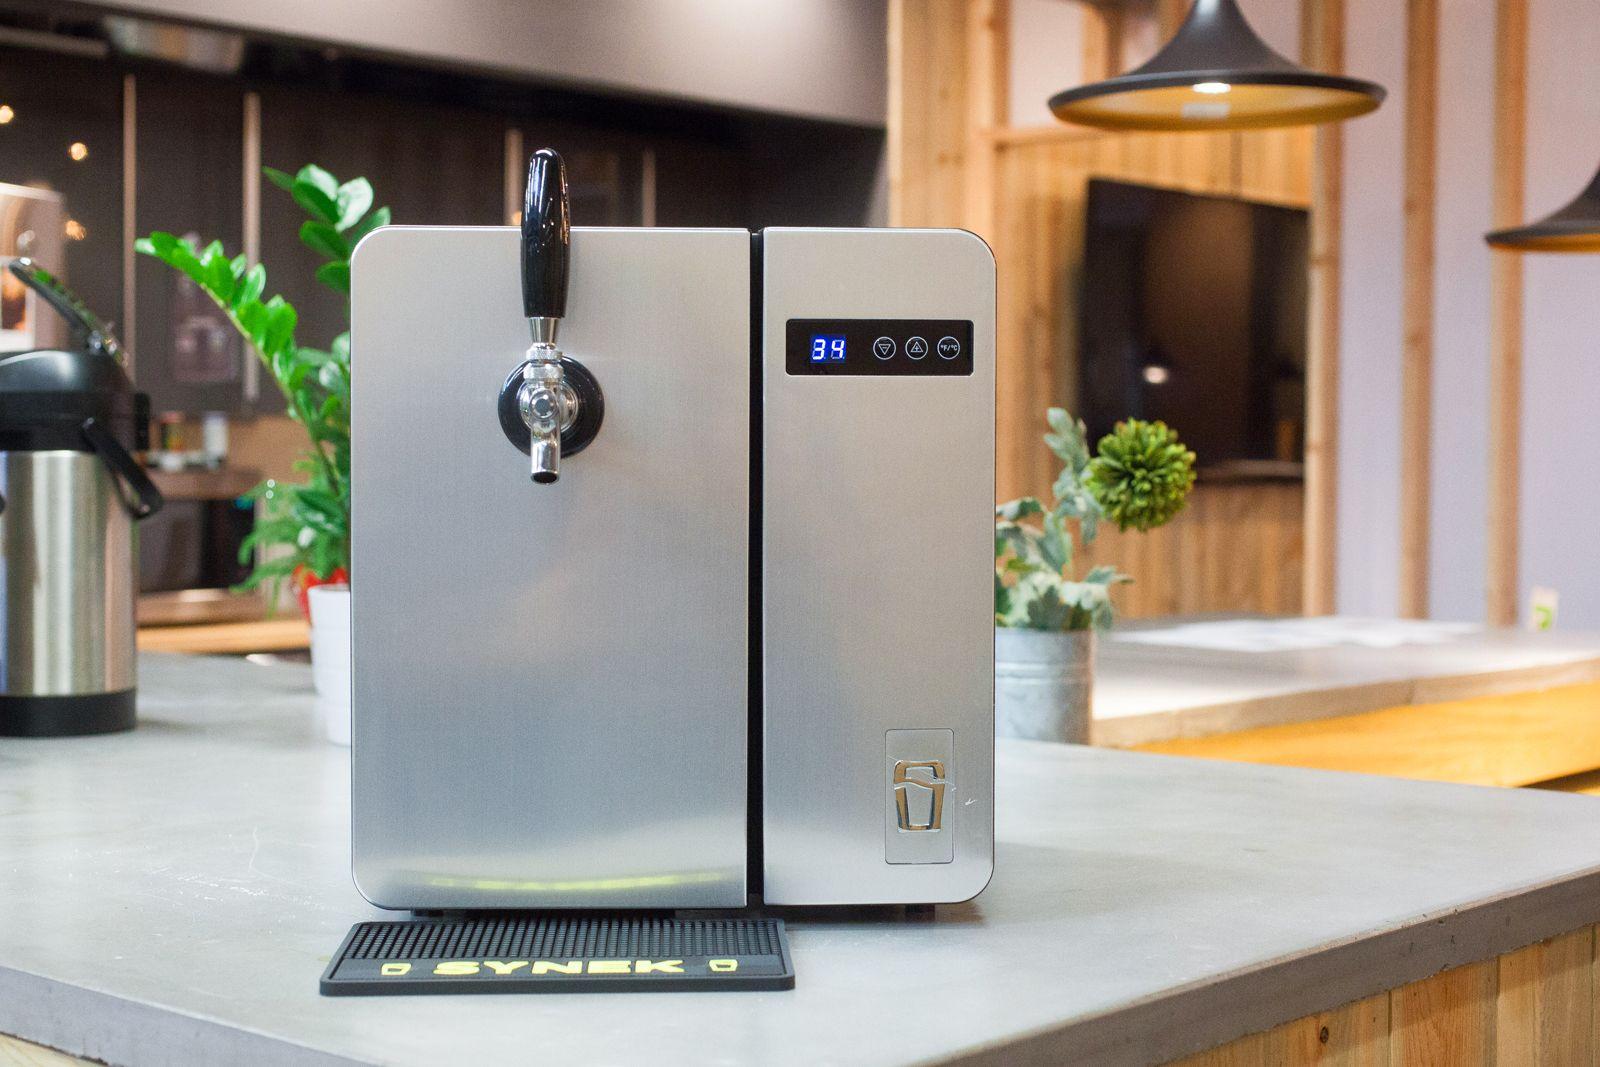 Synek Counter Top Beer Dispenser Review Synek S 300 Magic Beer Machine Left Us Bitter Beer Beer Taps Wine Beer